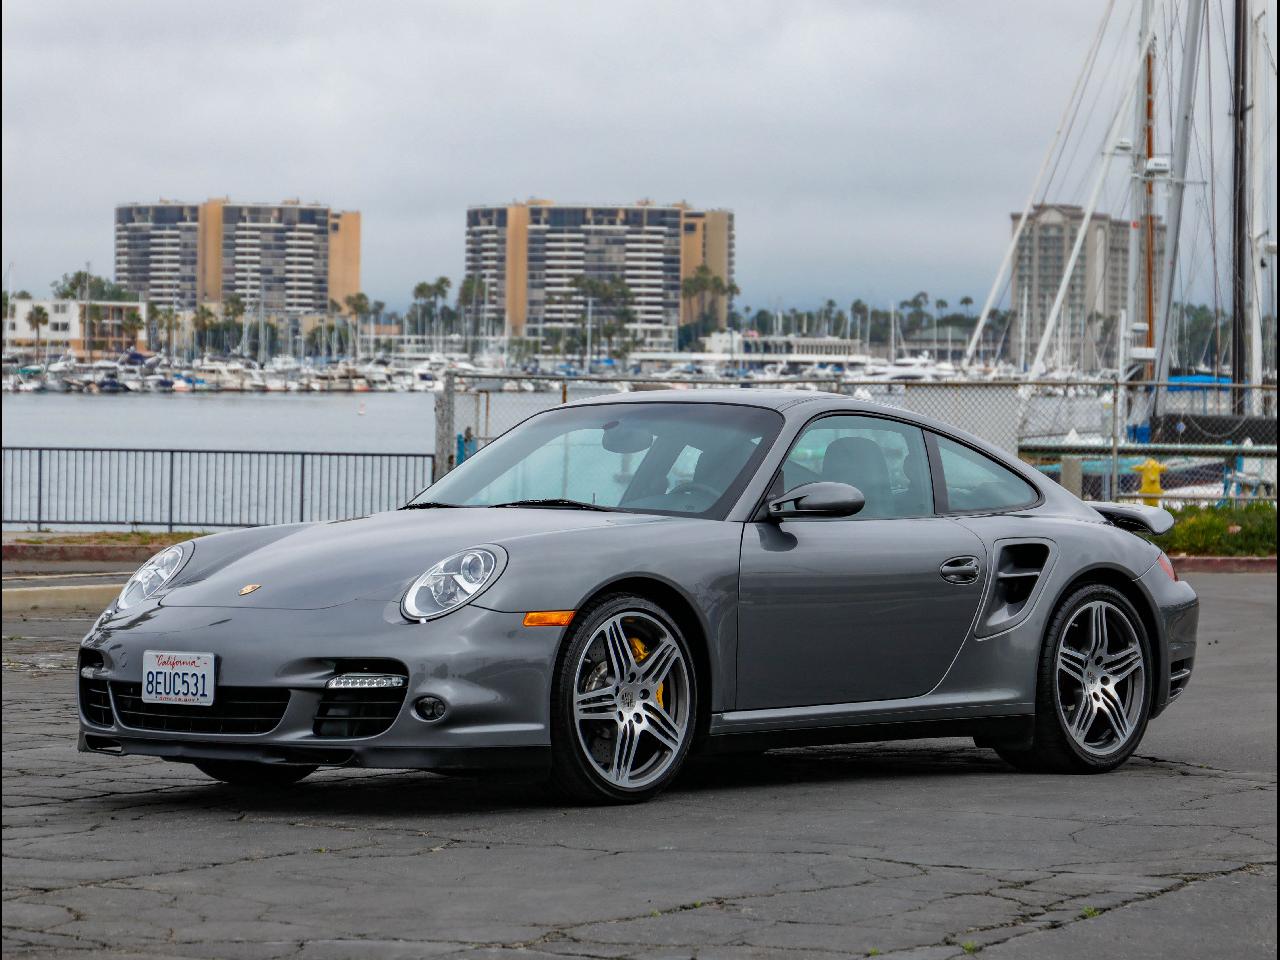 2007 Porsche 911 Turbo 997.1 6 Speed